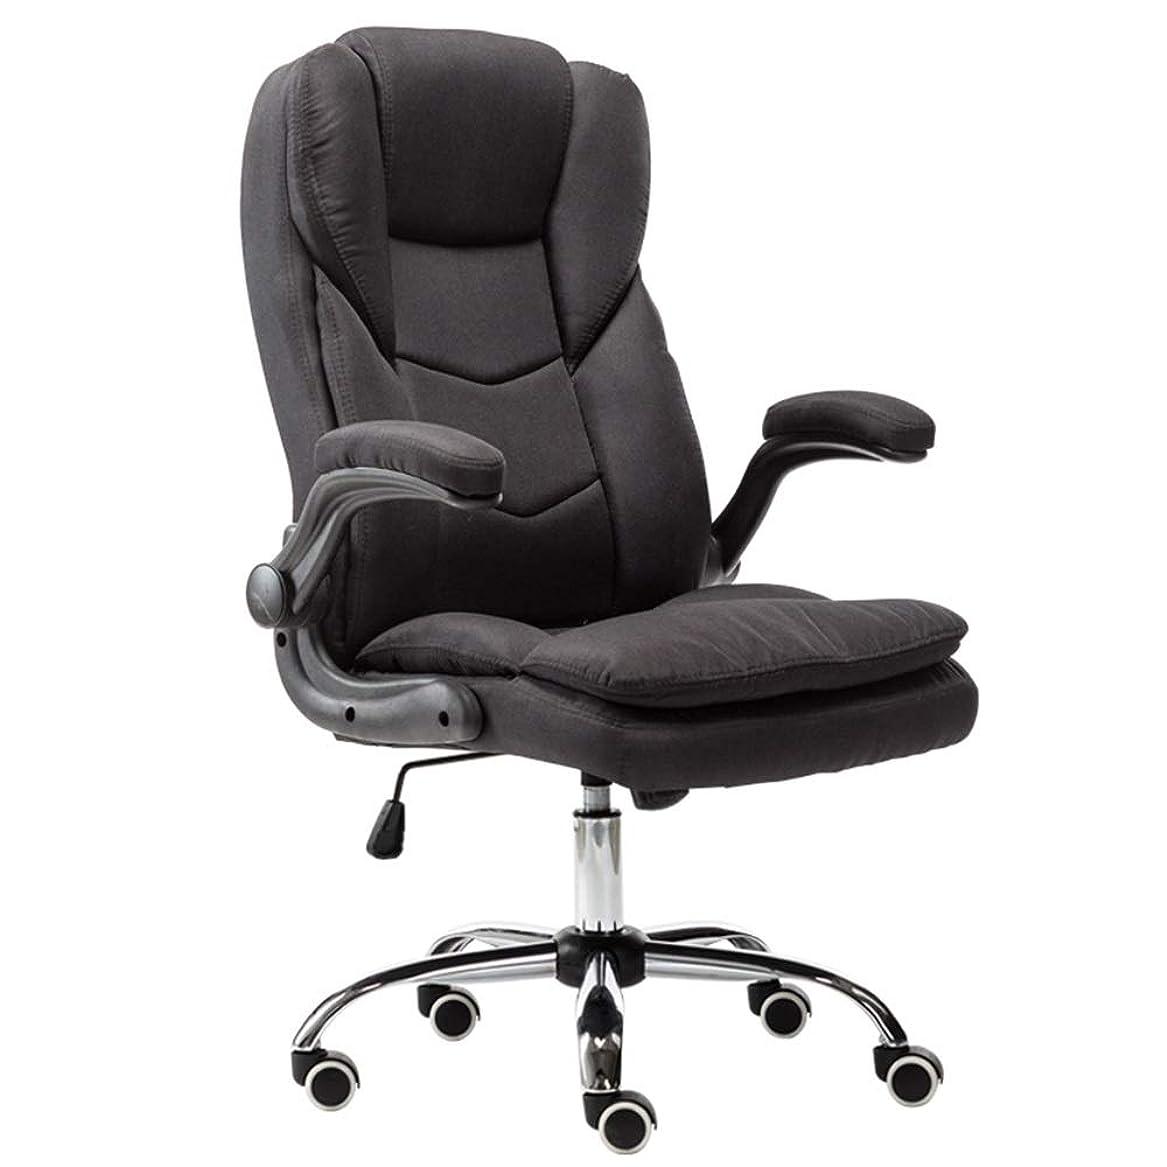 流行しているバルコニーマーベルJIAYUAN オフィスチェア 社長椅子 コンピューターチェア 90°回転アームレスト ハイバックシート 生地 チルト機能 研究、オフィス用 チェア (Color : Black)